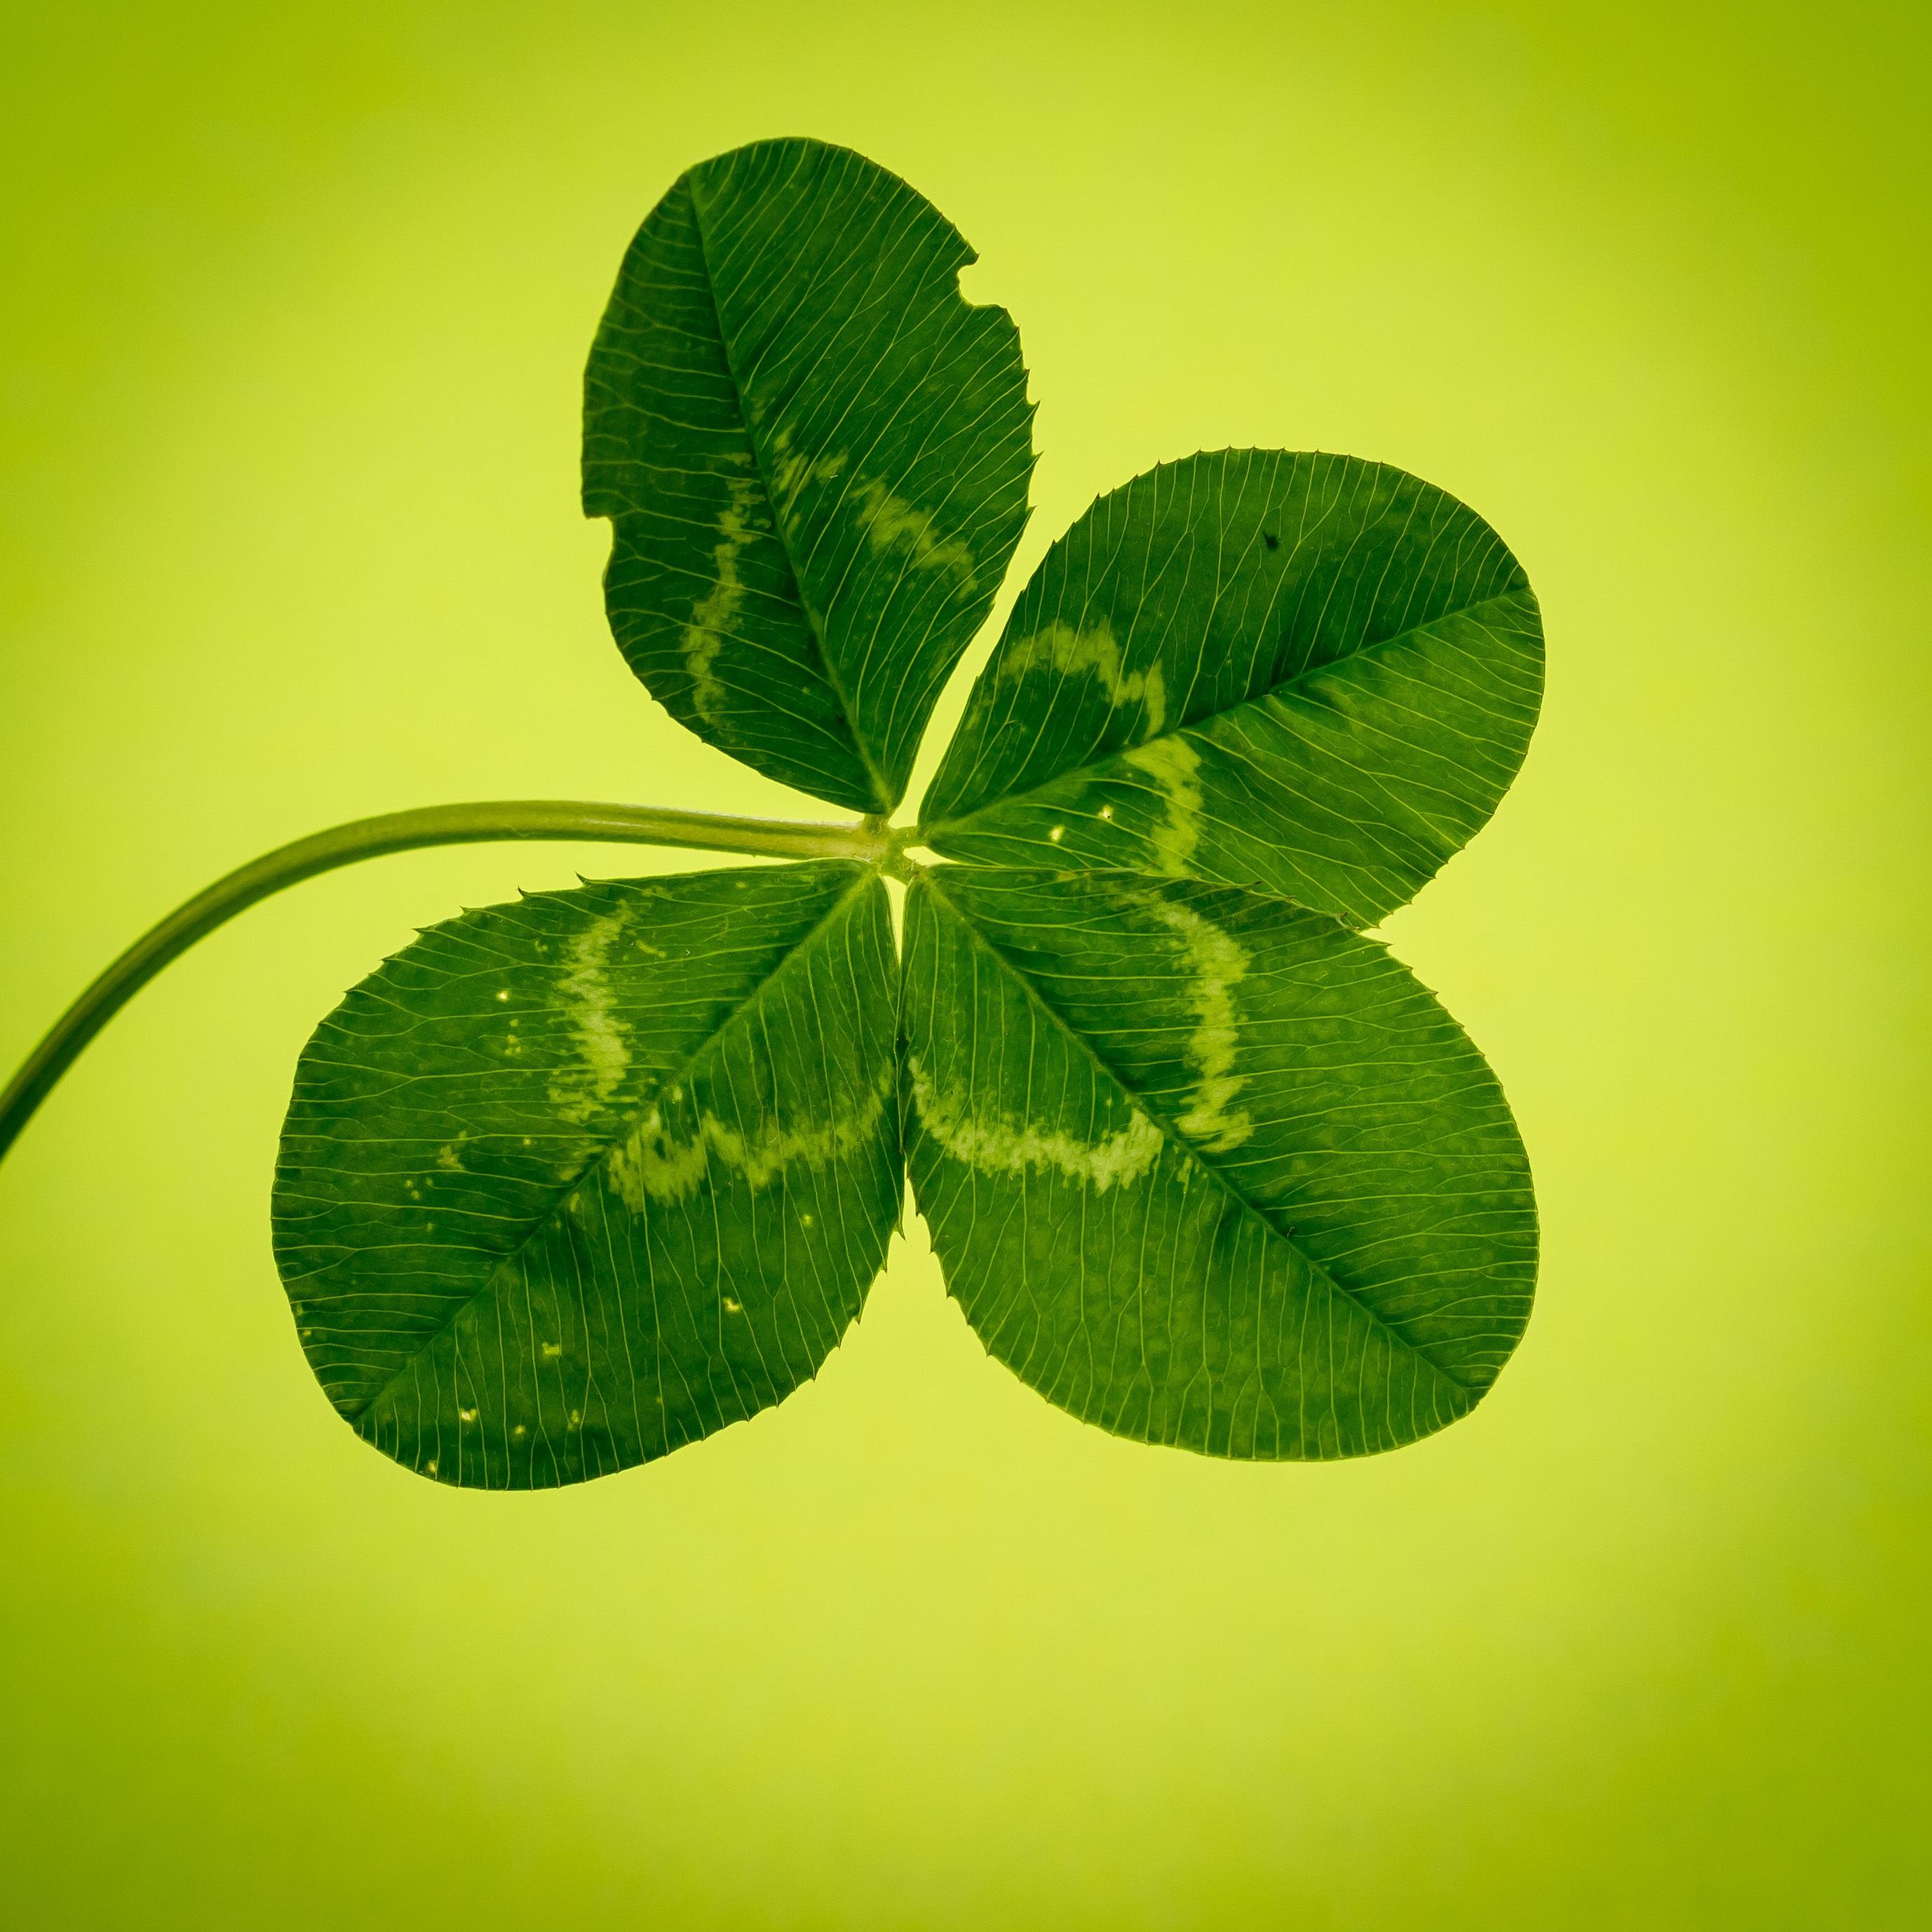 Free Images Flower Petal Green Herb Symbol Flora Luck Klee